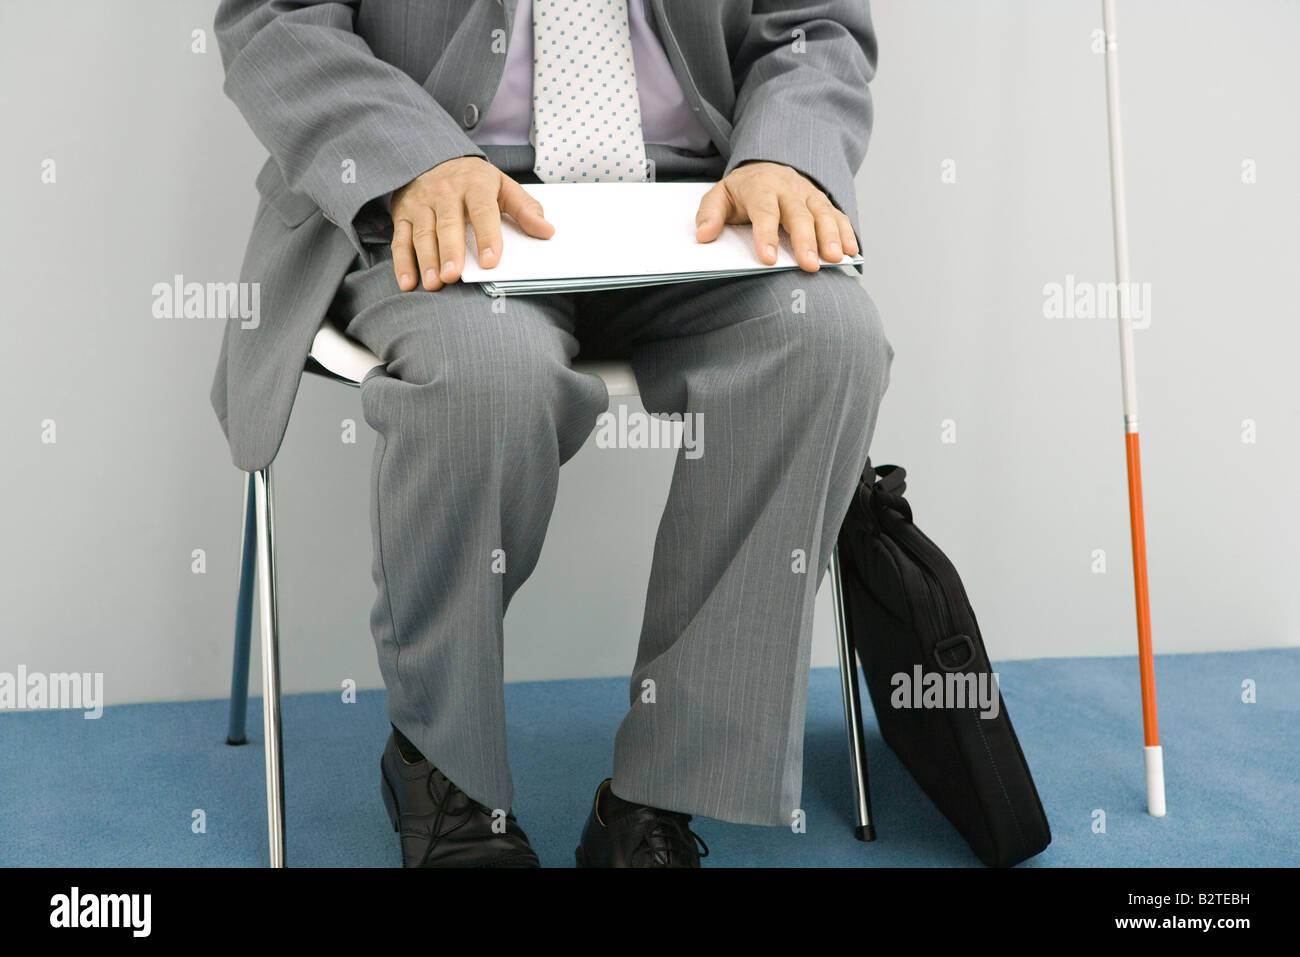 Geschäftsmann in Stuhl, Blindenstock gelehnt neben ihm sitzen halten Dokument abgeschnitten Stockfoto